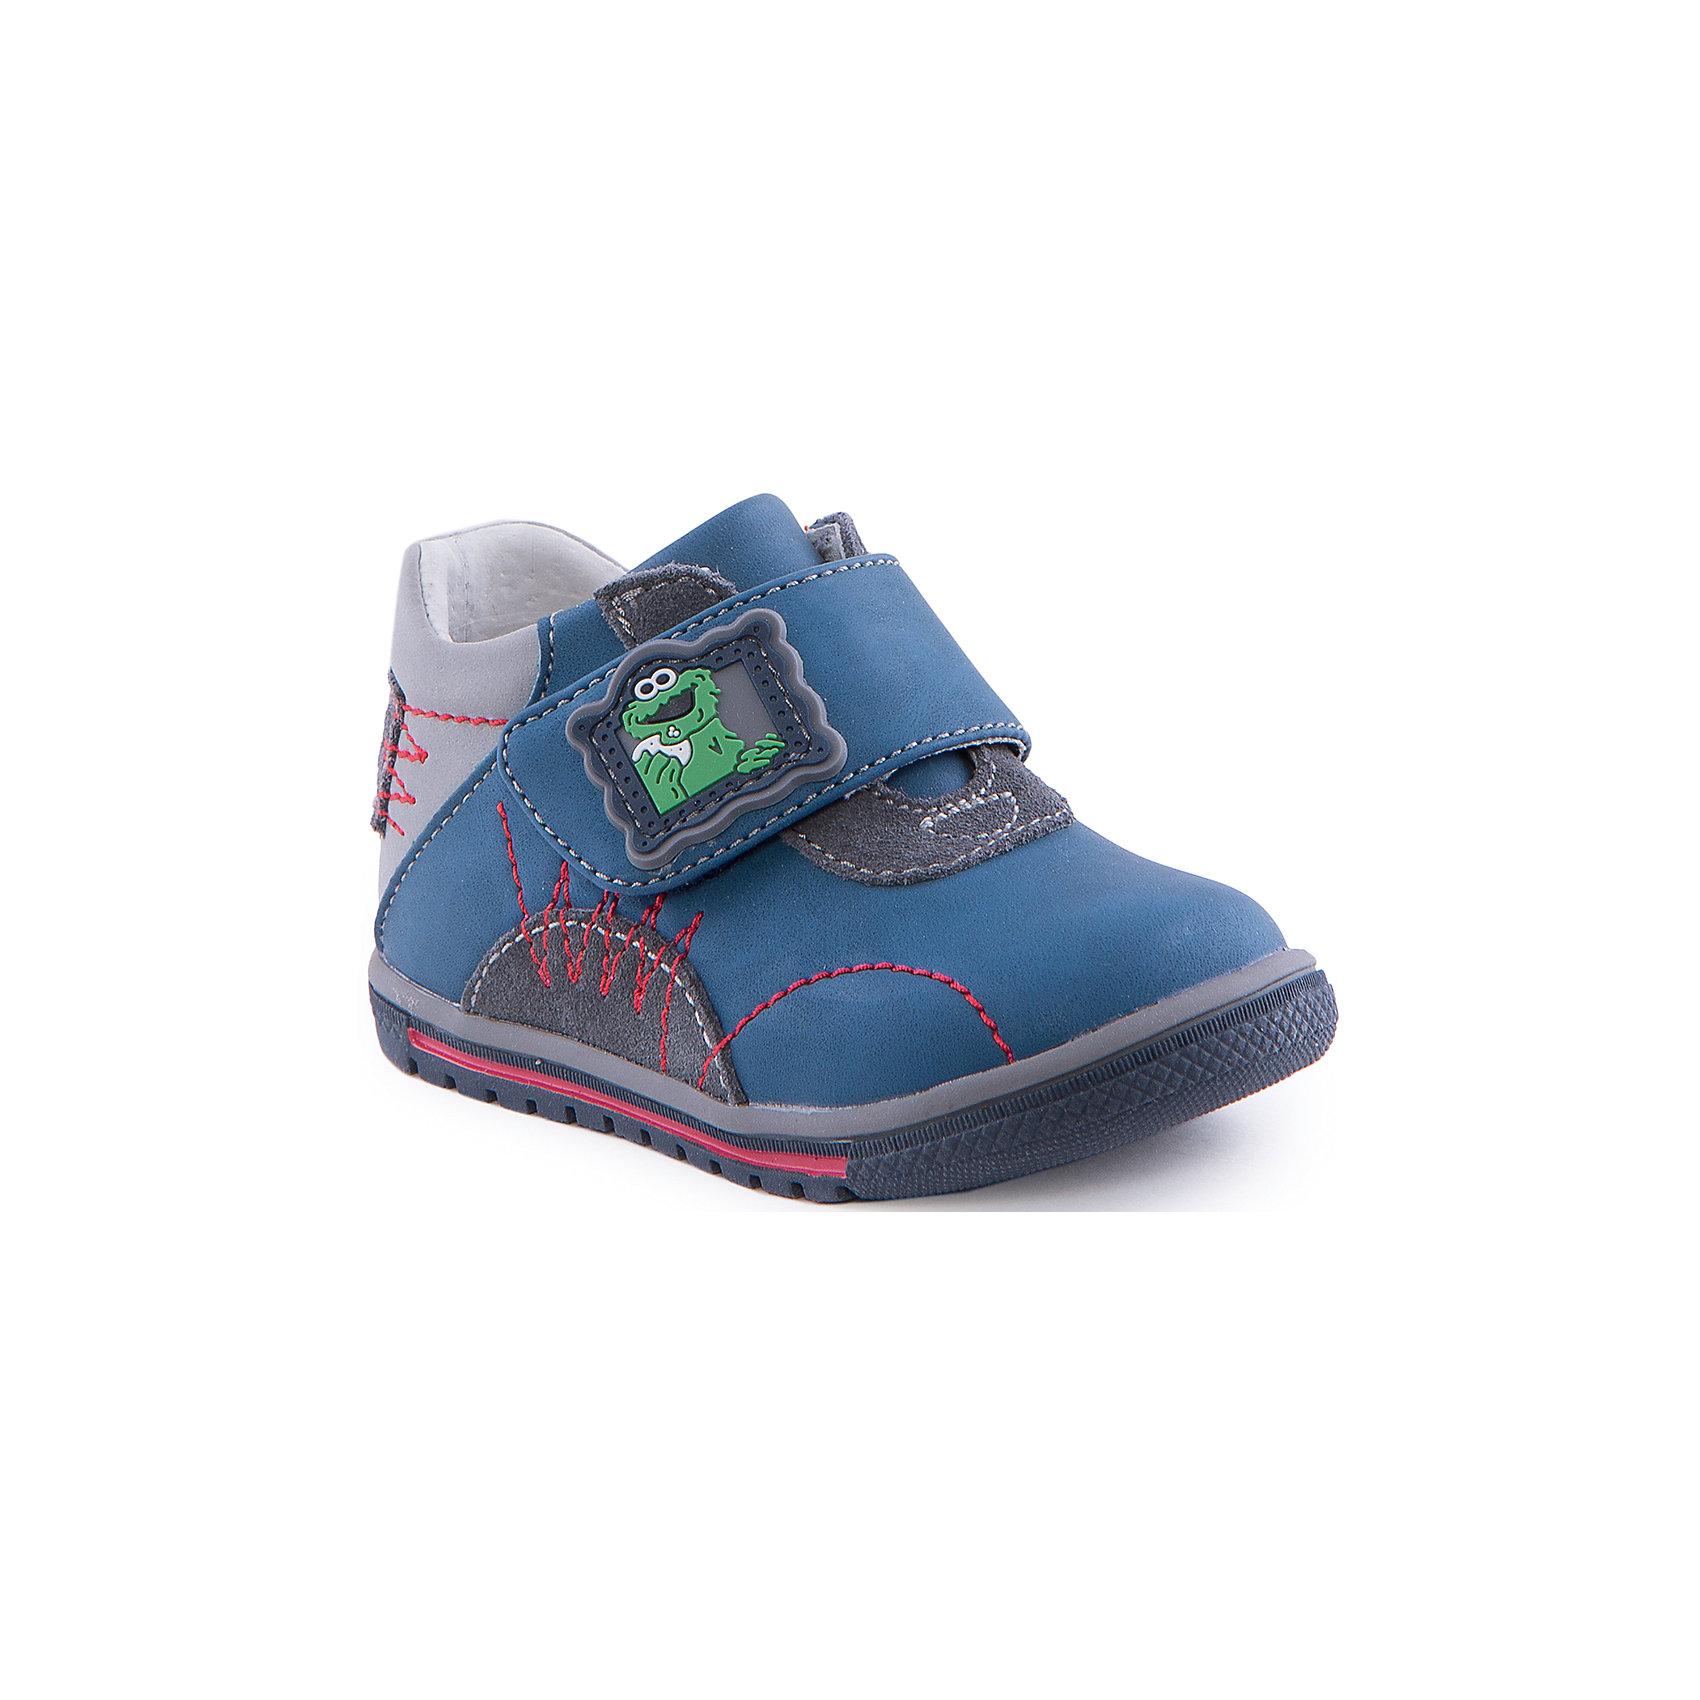 Ботинки для мальчика Indigo kidsБотинки<br>Ботинки для мальчика от известного бренда Indigo kids<br><br>Удобные ботинки отличаются оригинальной яркой отделкой. Они легко надеваются благодаря липучкам и комфортно садятся по ноге. <br><br>Особенности модели:<br><br>- цвет - синий, серый;<br>- стильный дизайн;<br>- удобная колодка;<br>- натуральная кожаная подкладка;<br>- декорированы аппликацией;<br>- качественная контрастная прошивка;<br>- устойчивая подошва;<br>- застежки: липучки.<br><br>Дополнительная информация:<br><br>Состав:<br><br>верх – искусственная кожа;<br>подкладка - натуральная кожа;<br>подошва - ТЭП.<br><br>Ботинки для мальчика Indigo kids (Индиго Кидс) можно купить в нашем магазине.<br><br>Ширина мм: 262<br>Глубина мм: 176<br>Высота мм: 97<br>Вес г: 427<br>Цвет: голубой<br>Возраст от месяцев: 15<br>Возраст до месяцев: 18<br>Пол: Мужской<br>Возраст: Детский<br>Размер: 22,23,20,21,25,24<br>SKU: 4520104